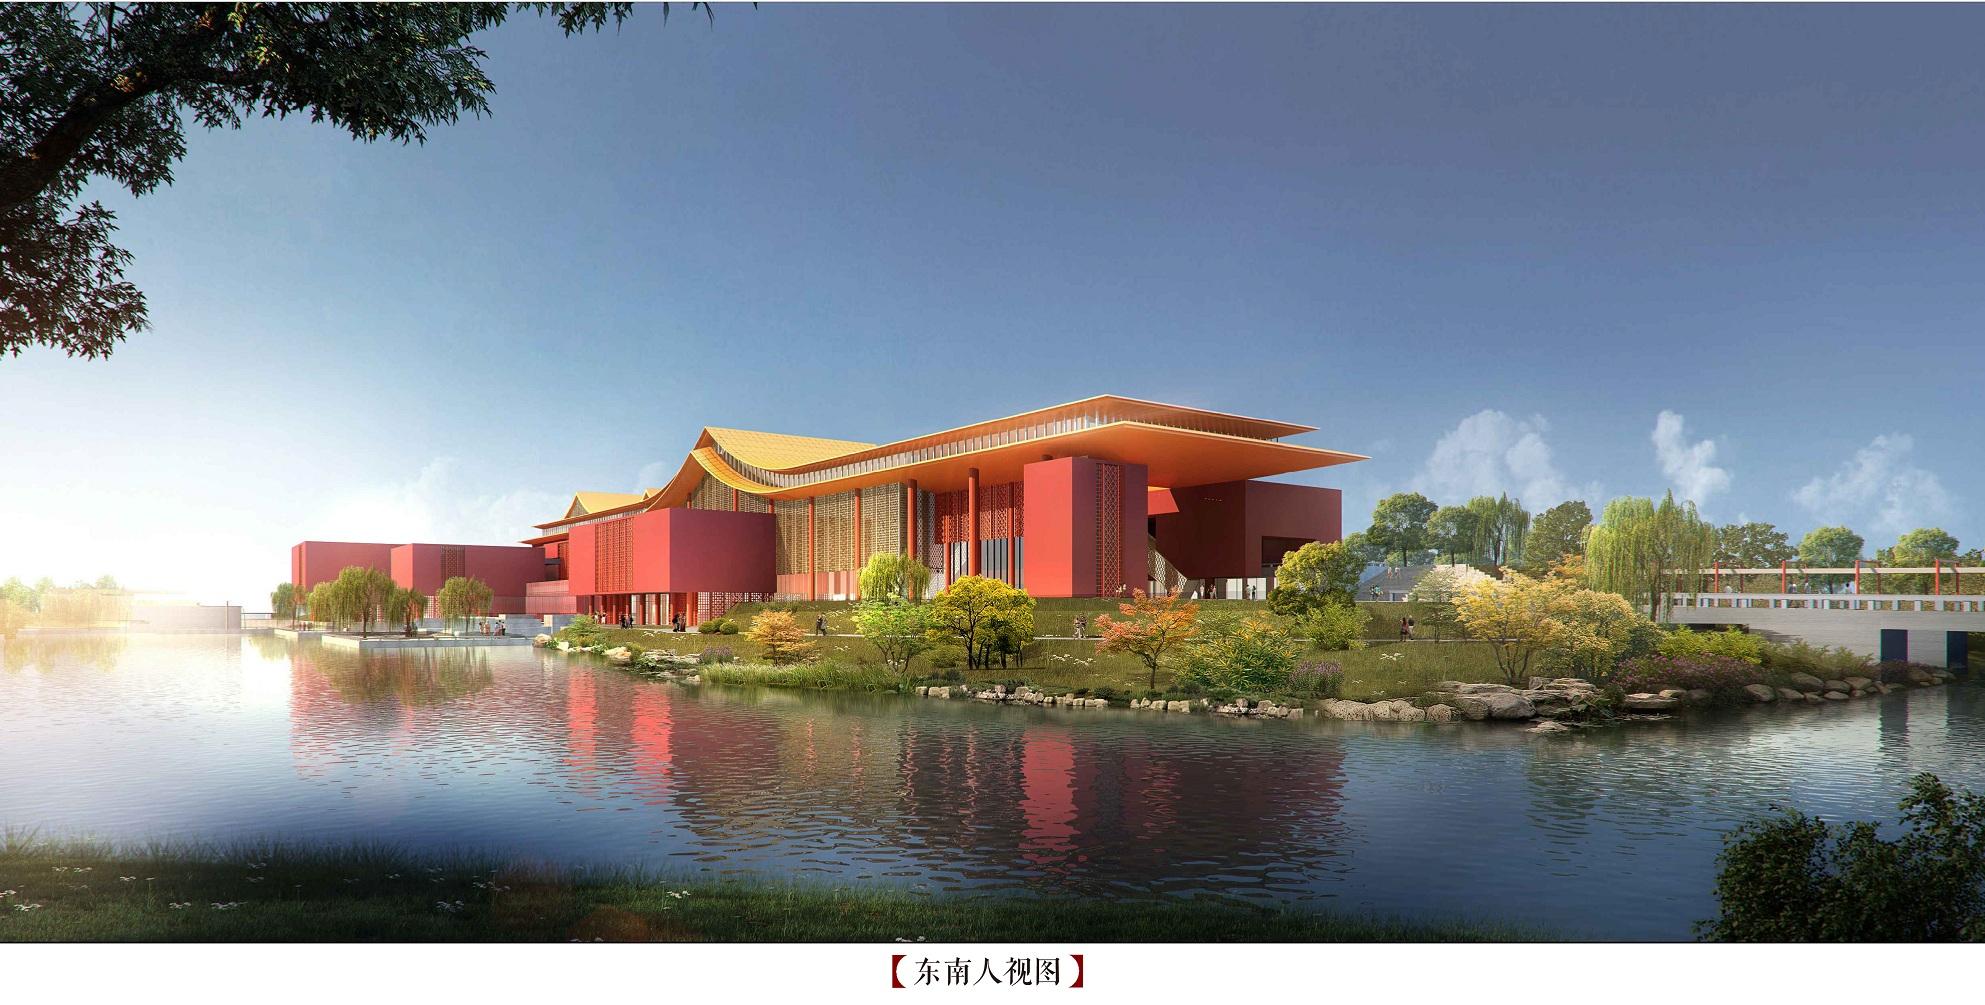 故宫博物院北院区的设计效果图1.jpg